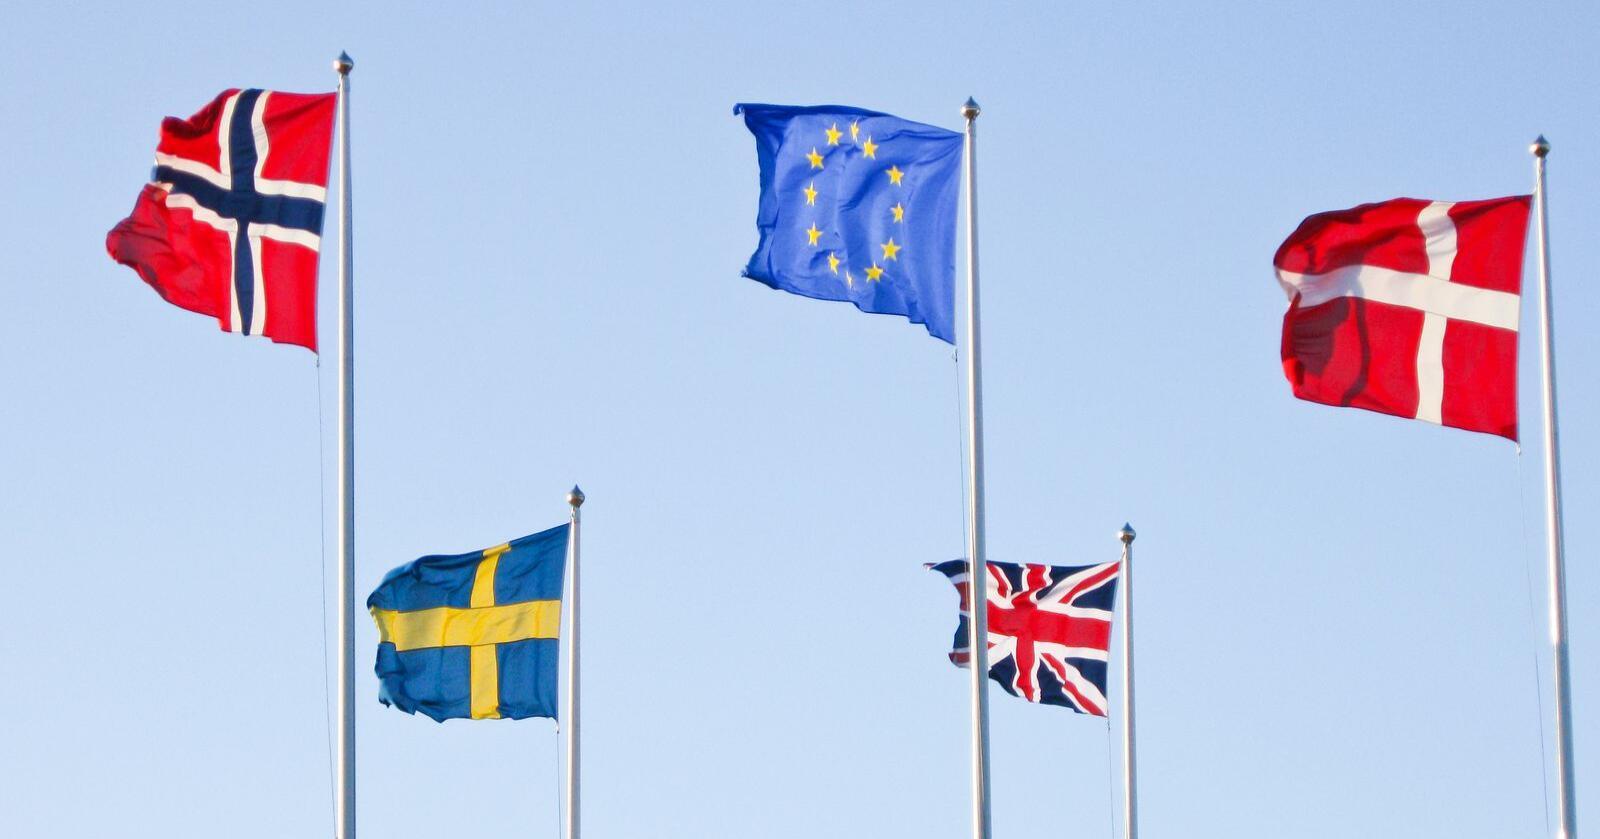 Selv om britene nå er ute av Den europeiske union, øker Norge sitt økonomiske bidrag til EU. Foto: Mostphotos